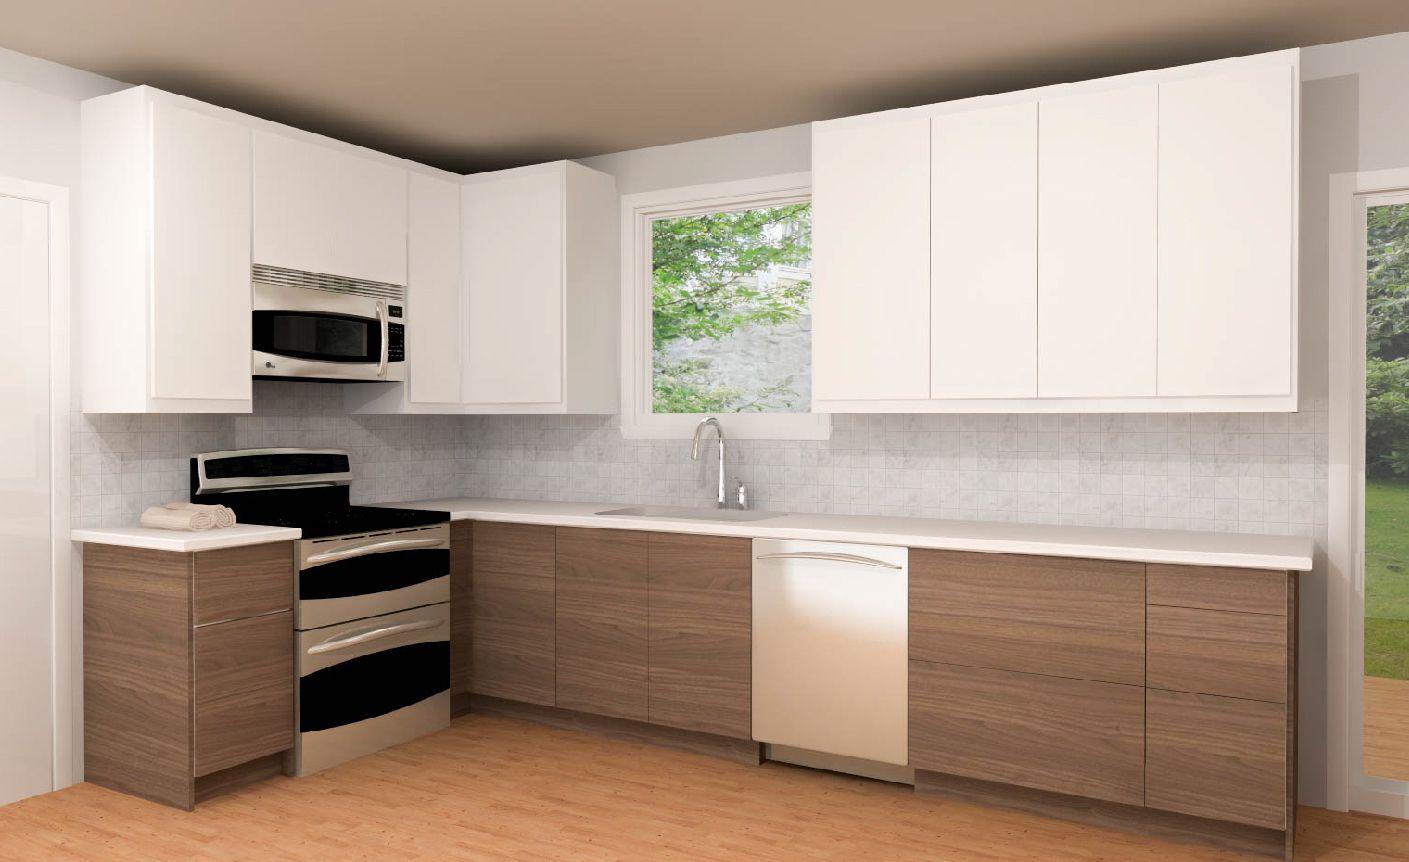 Three Ikea Kitchens Cabinet Designs Under 5 000 Ikea Kitchens